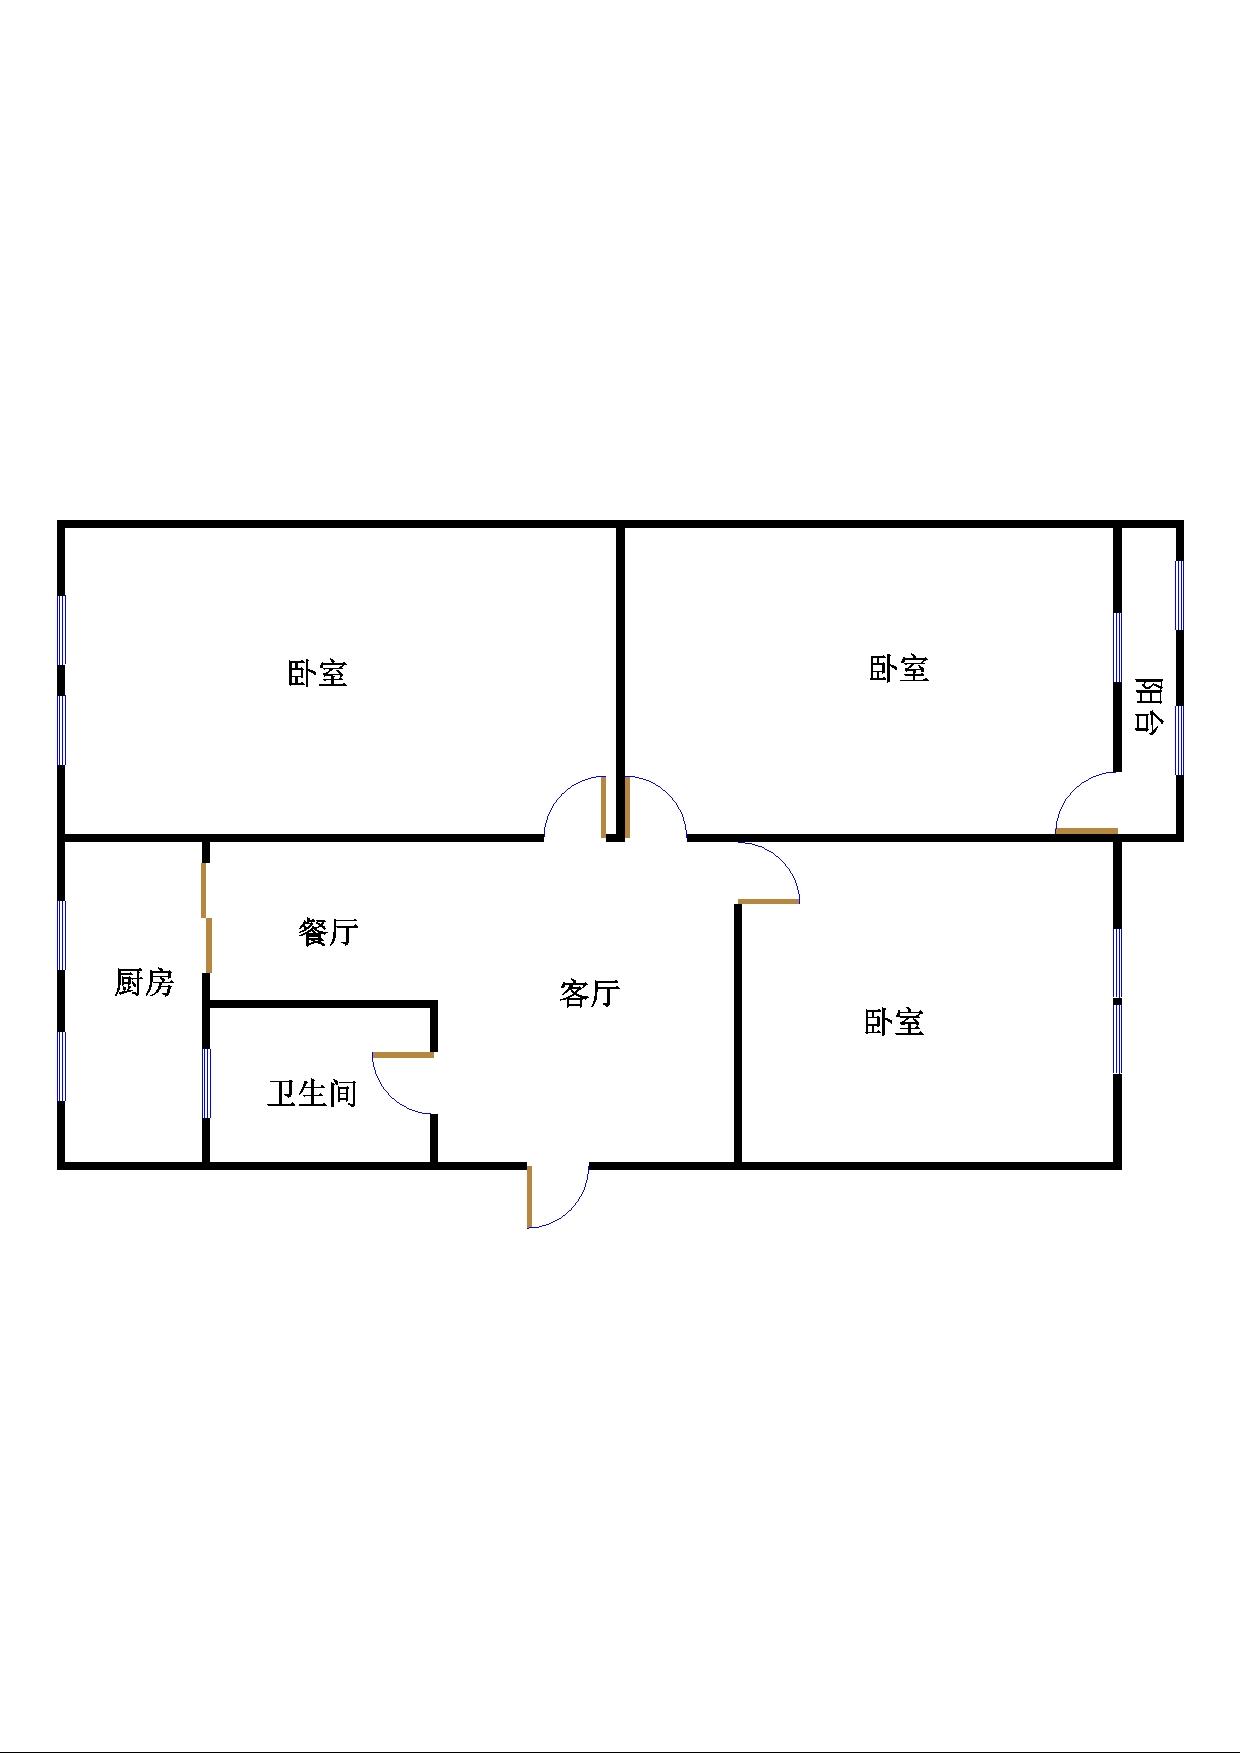 建委宿舍(园林处宿舍) 3室1厅 双证齐全 简装 170万